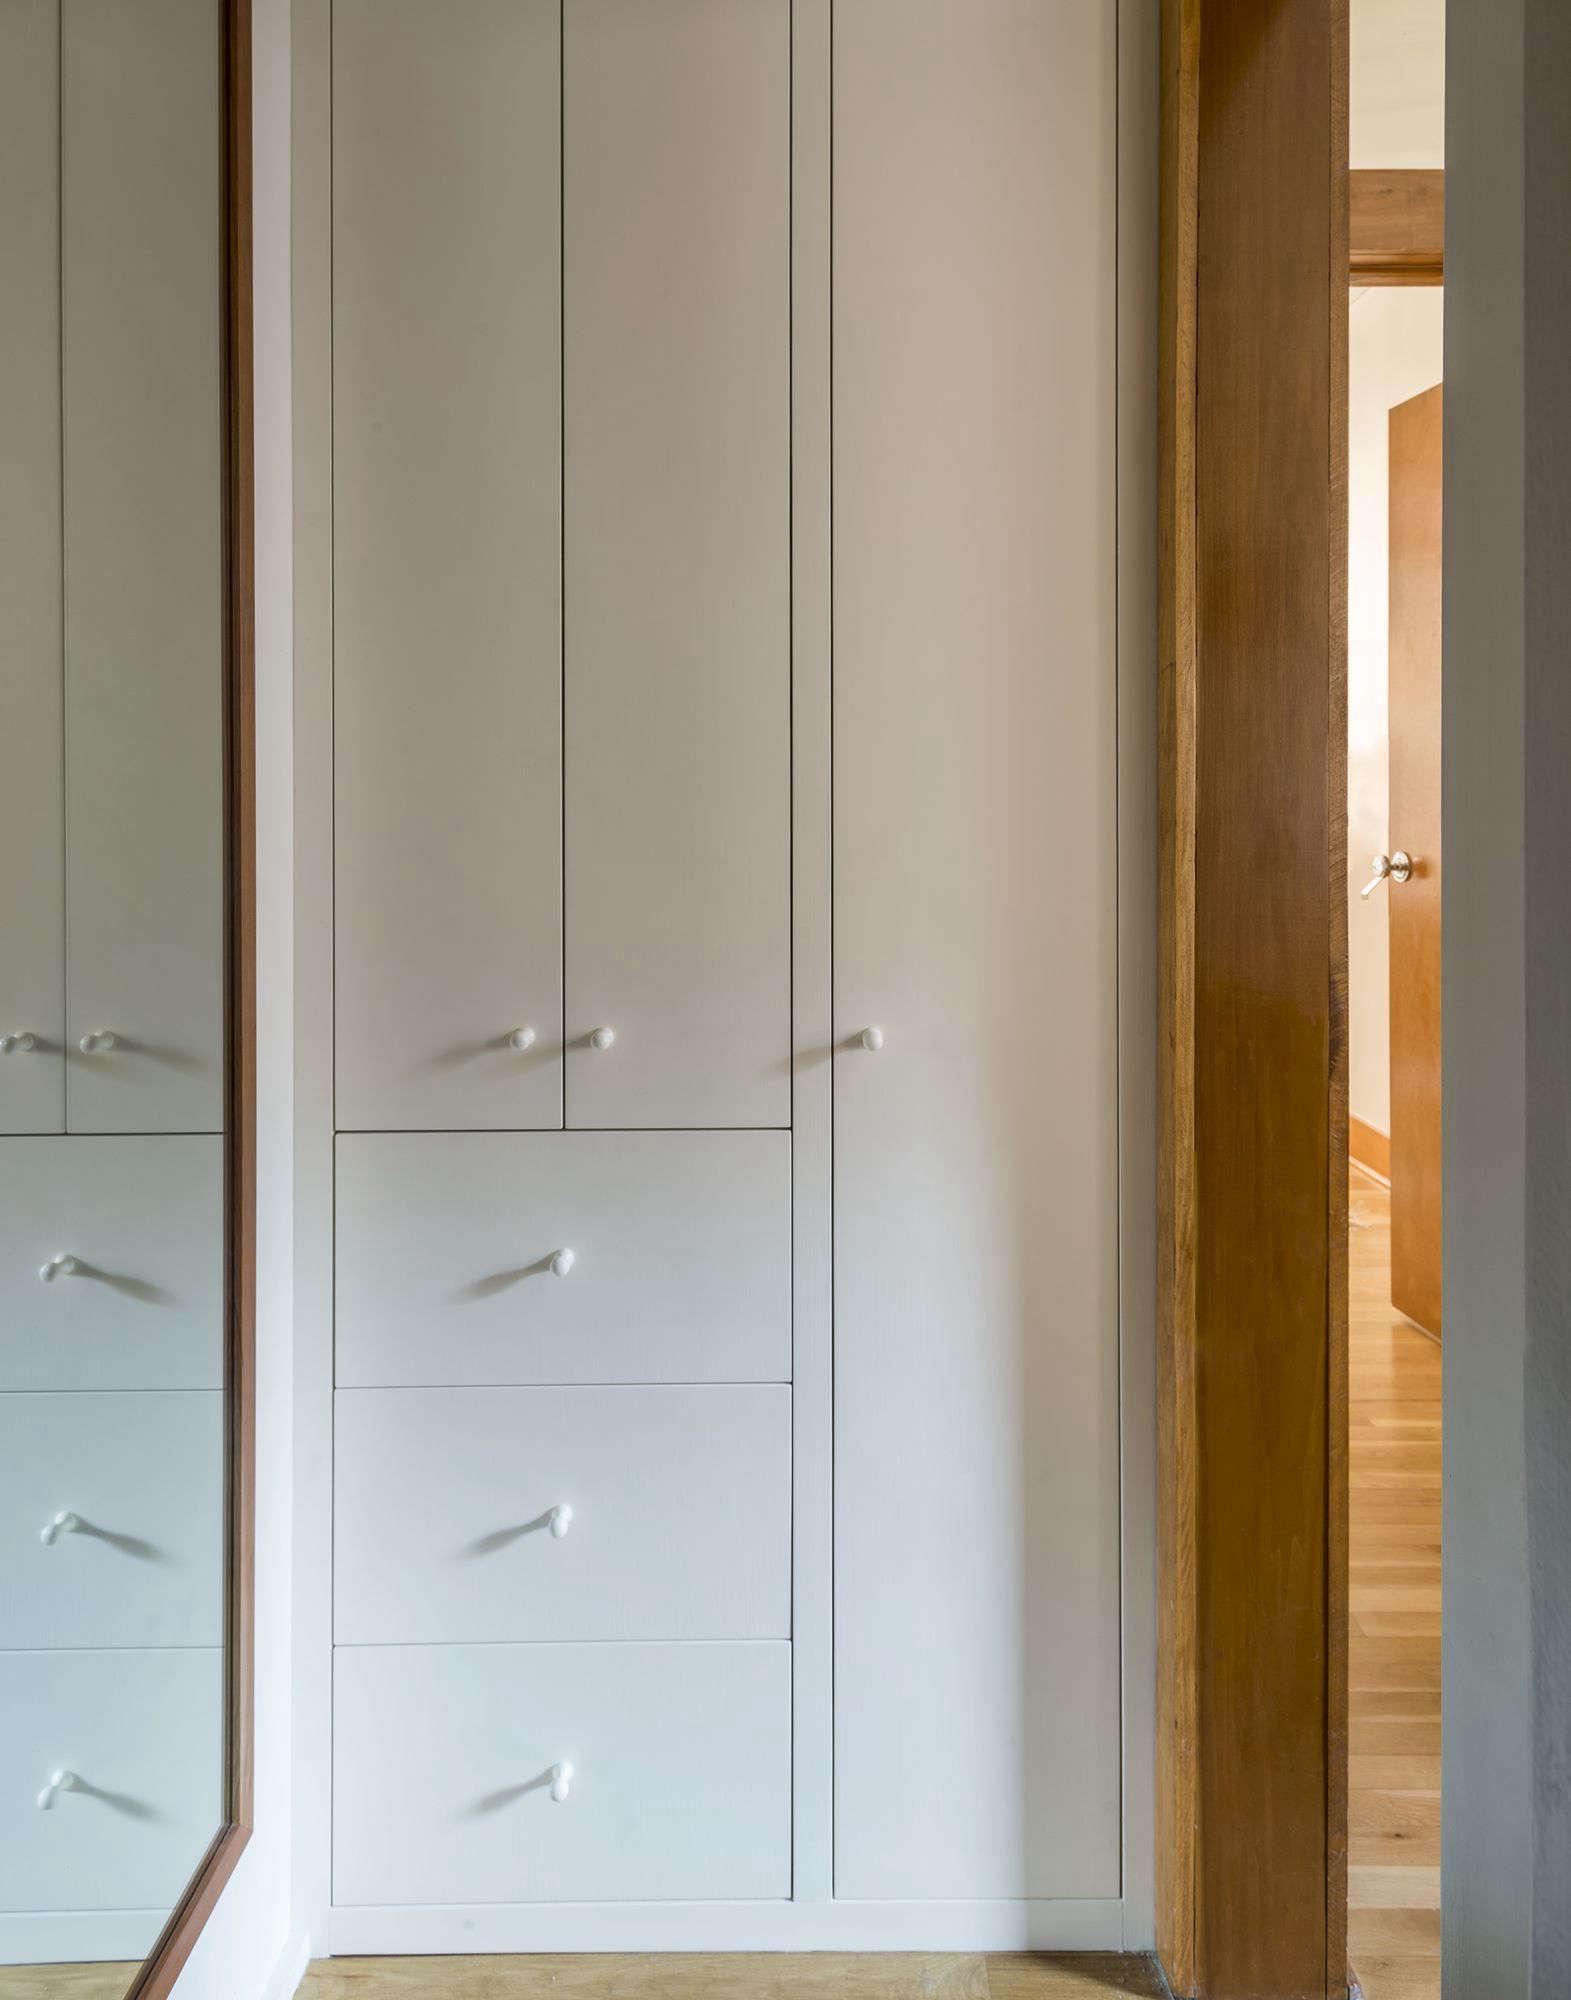 Workstead Design Bathroom Built-In Storage Cabinet, Mathew Williams Photo